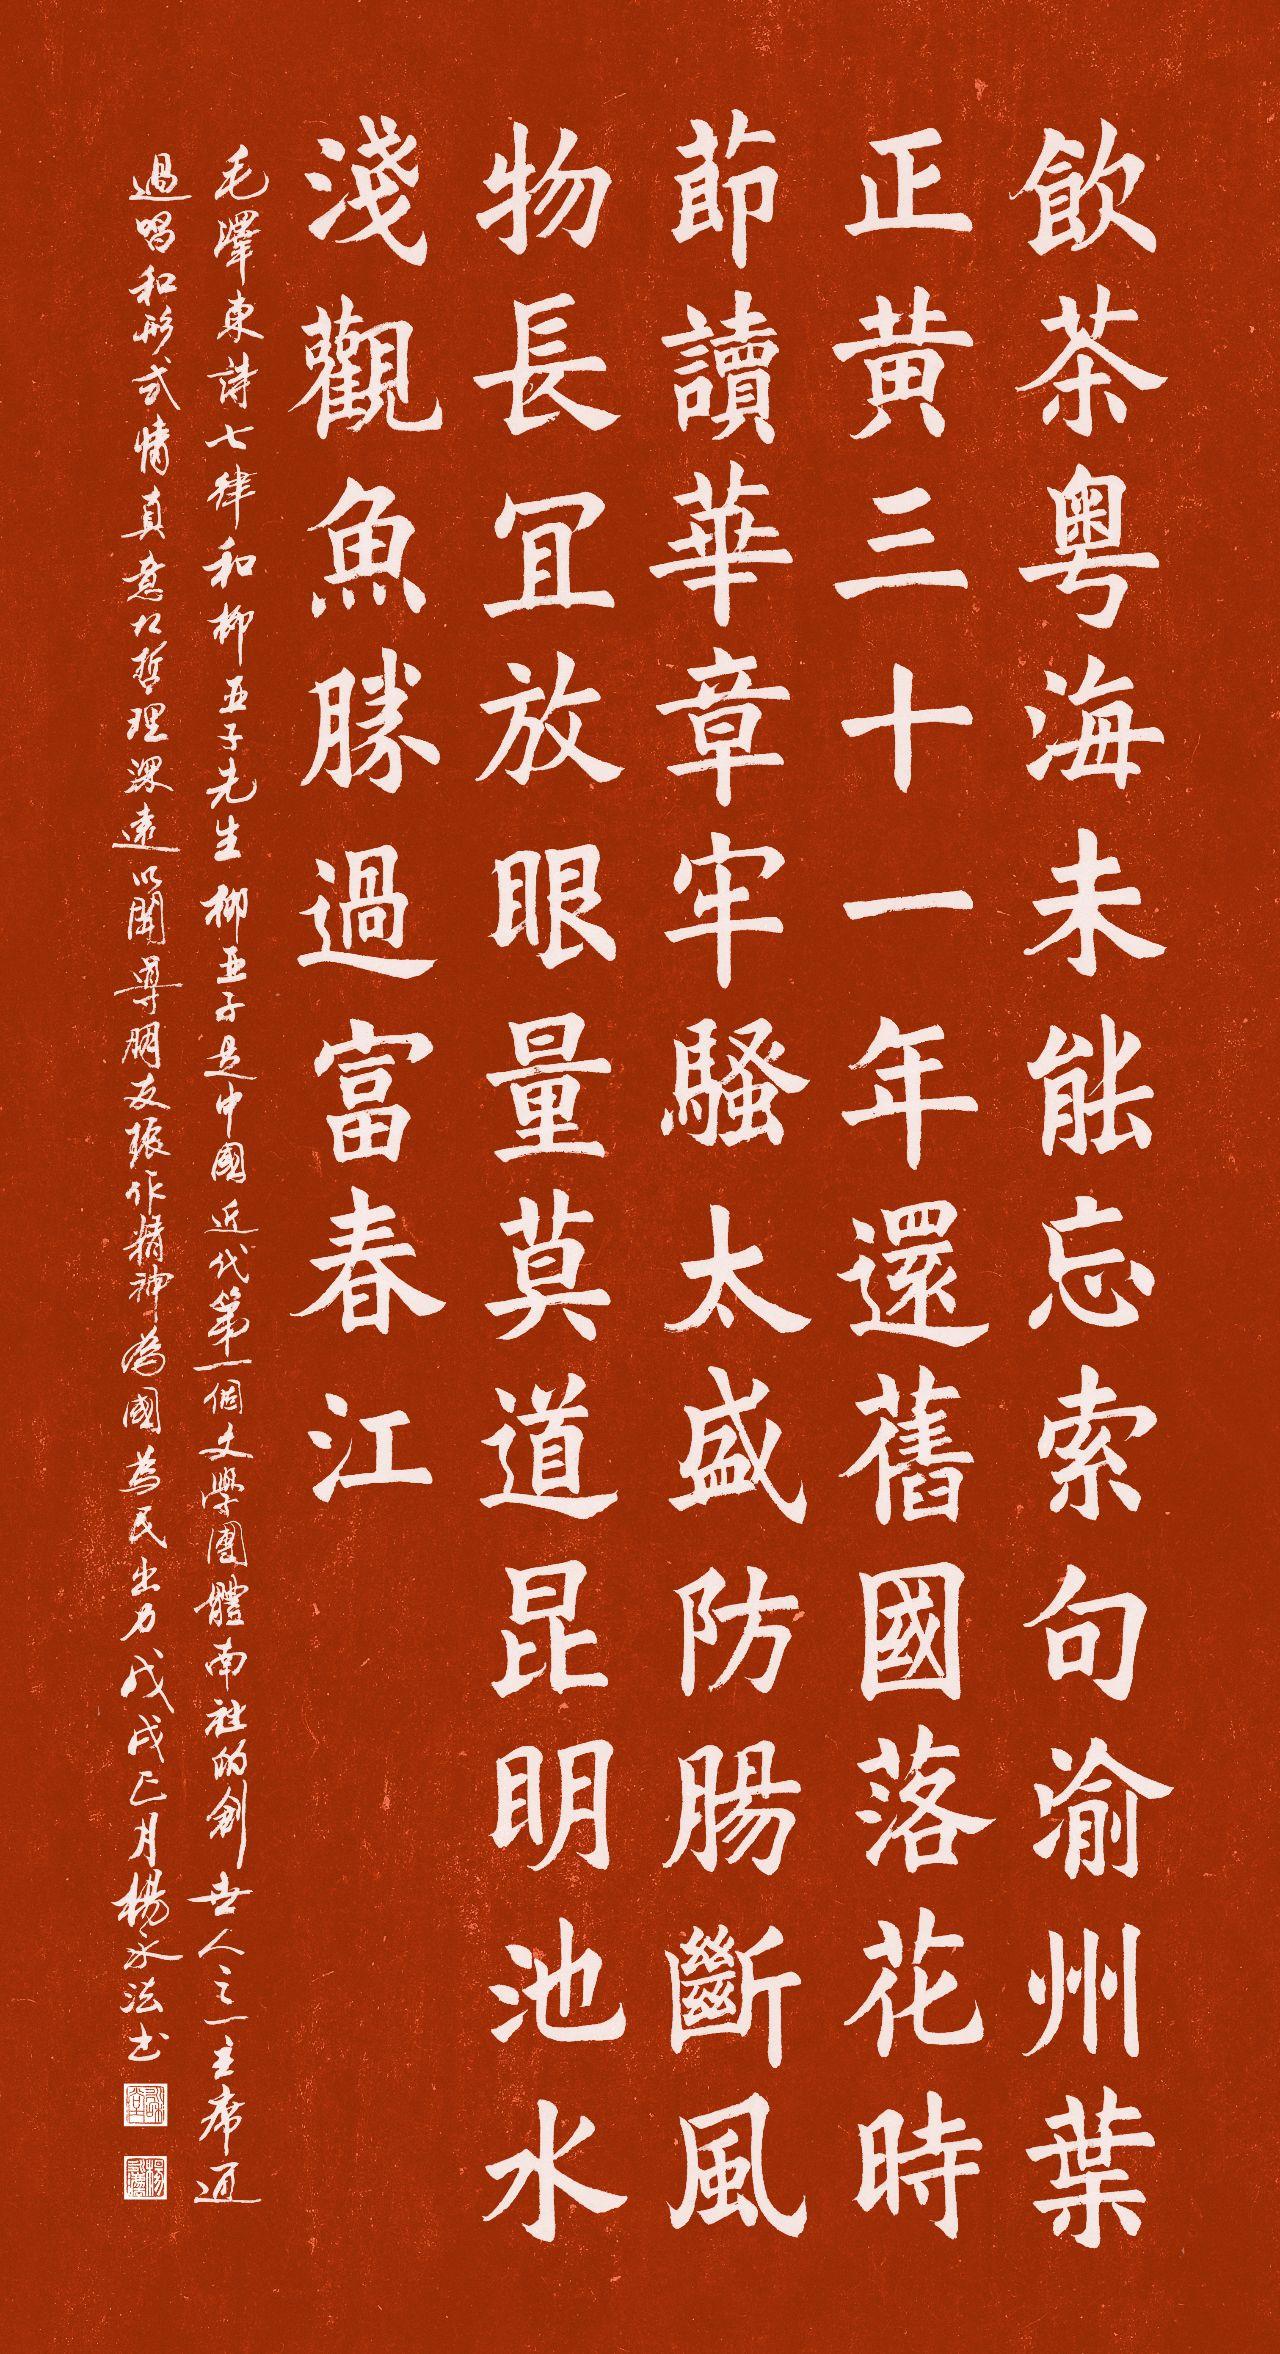 心正、笔正、人正——着名书法家杨永法楷书作品赏析